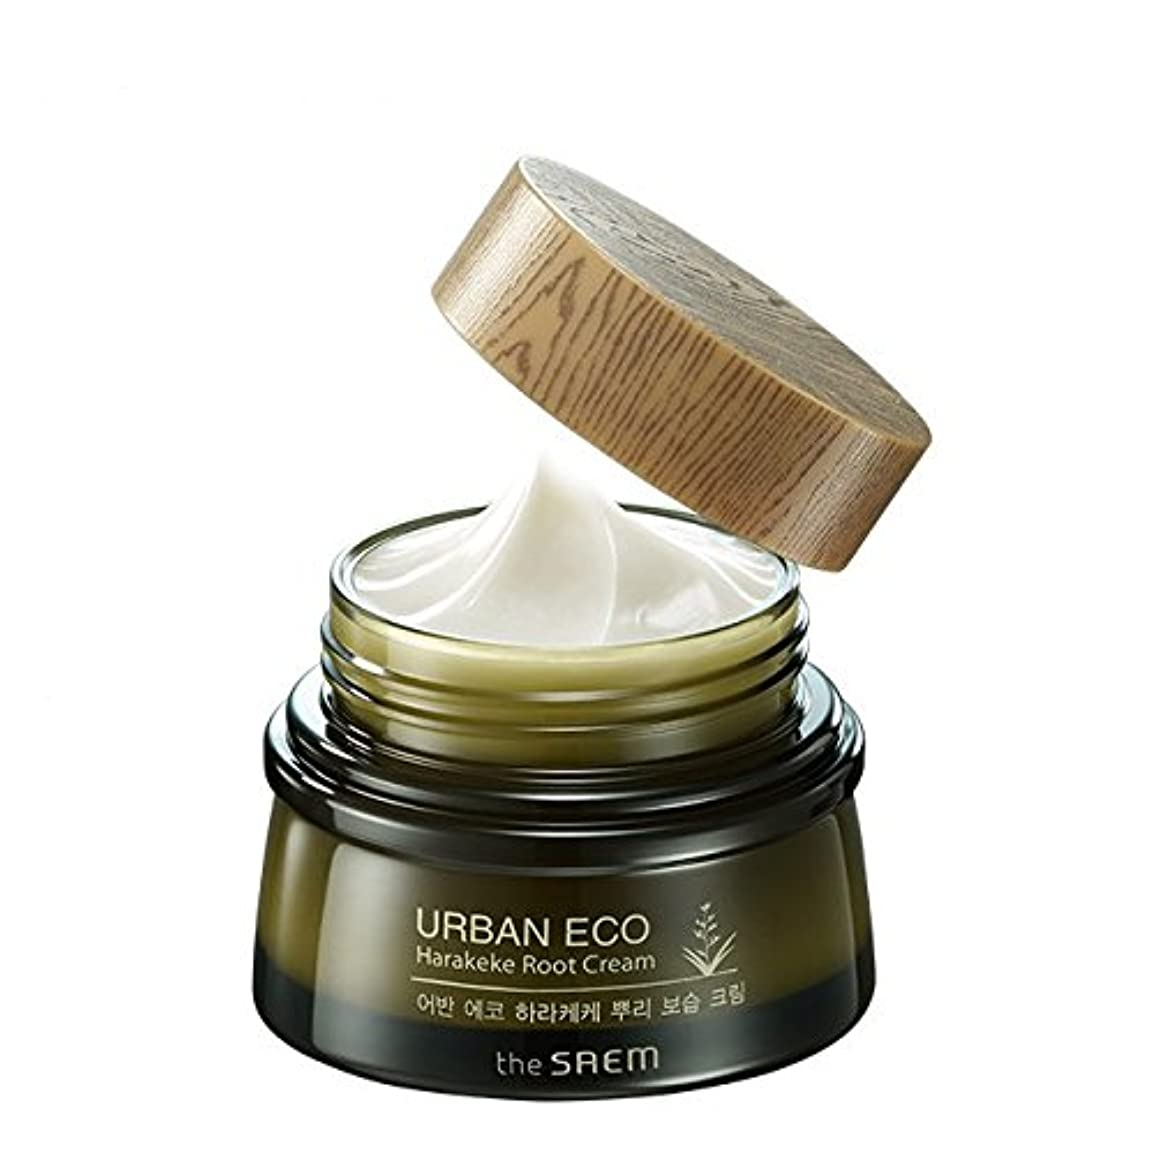 亜熱帯ゲージ変成器[ザセム] The Saem [アーバンエコ ハラケケ 根保湿クリーム60ml (The Saem Urban Eco Harakeke Root Cream60ml)